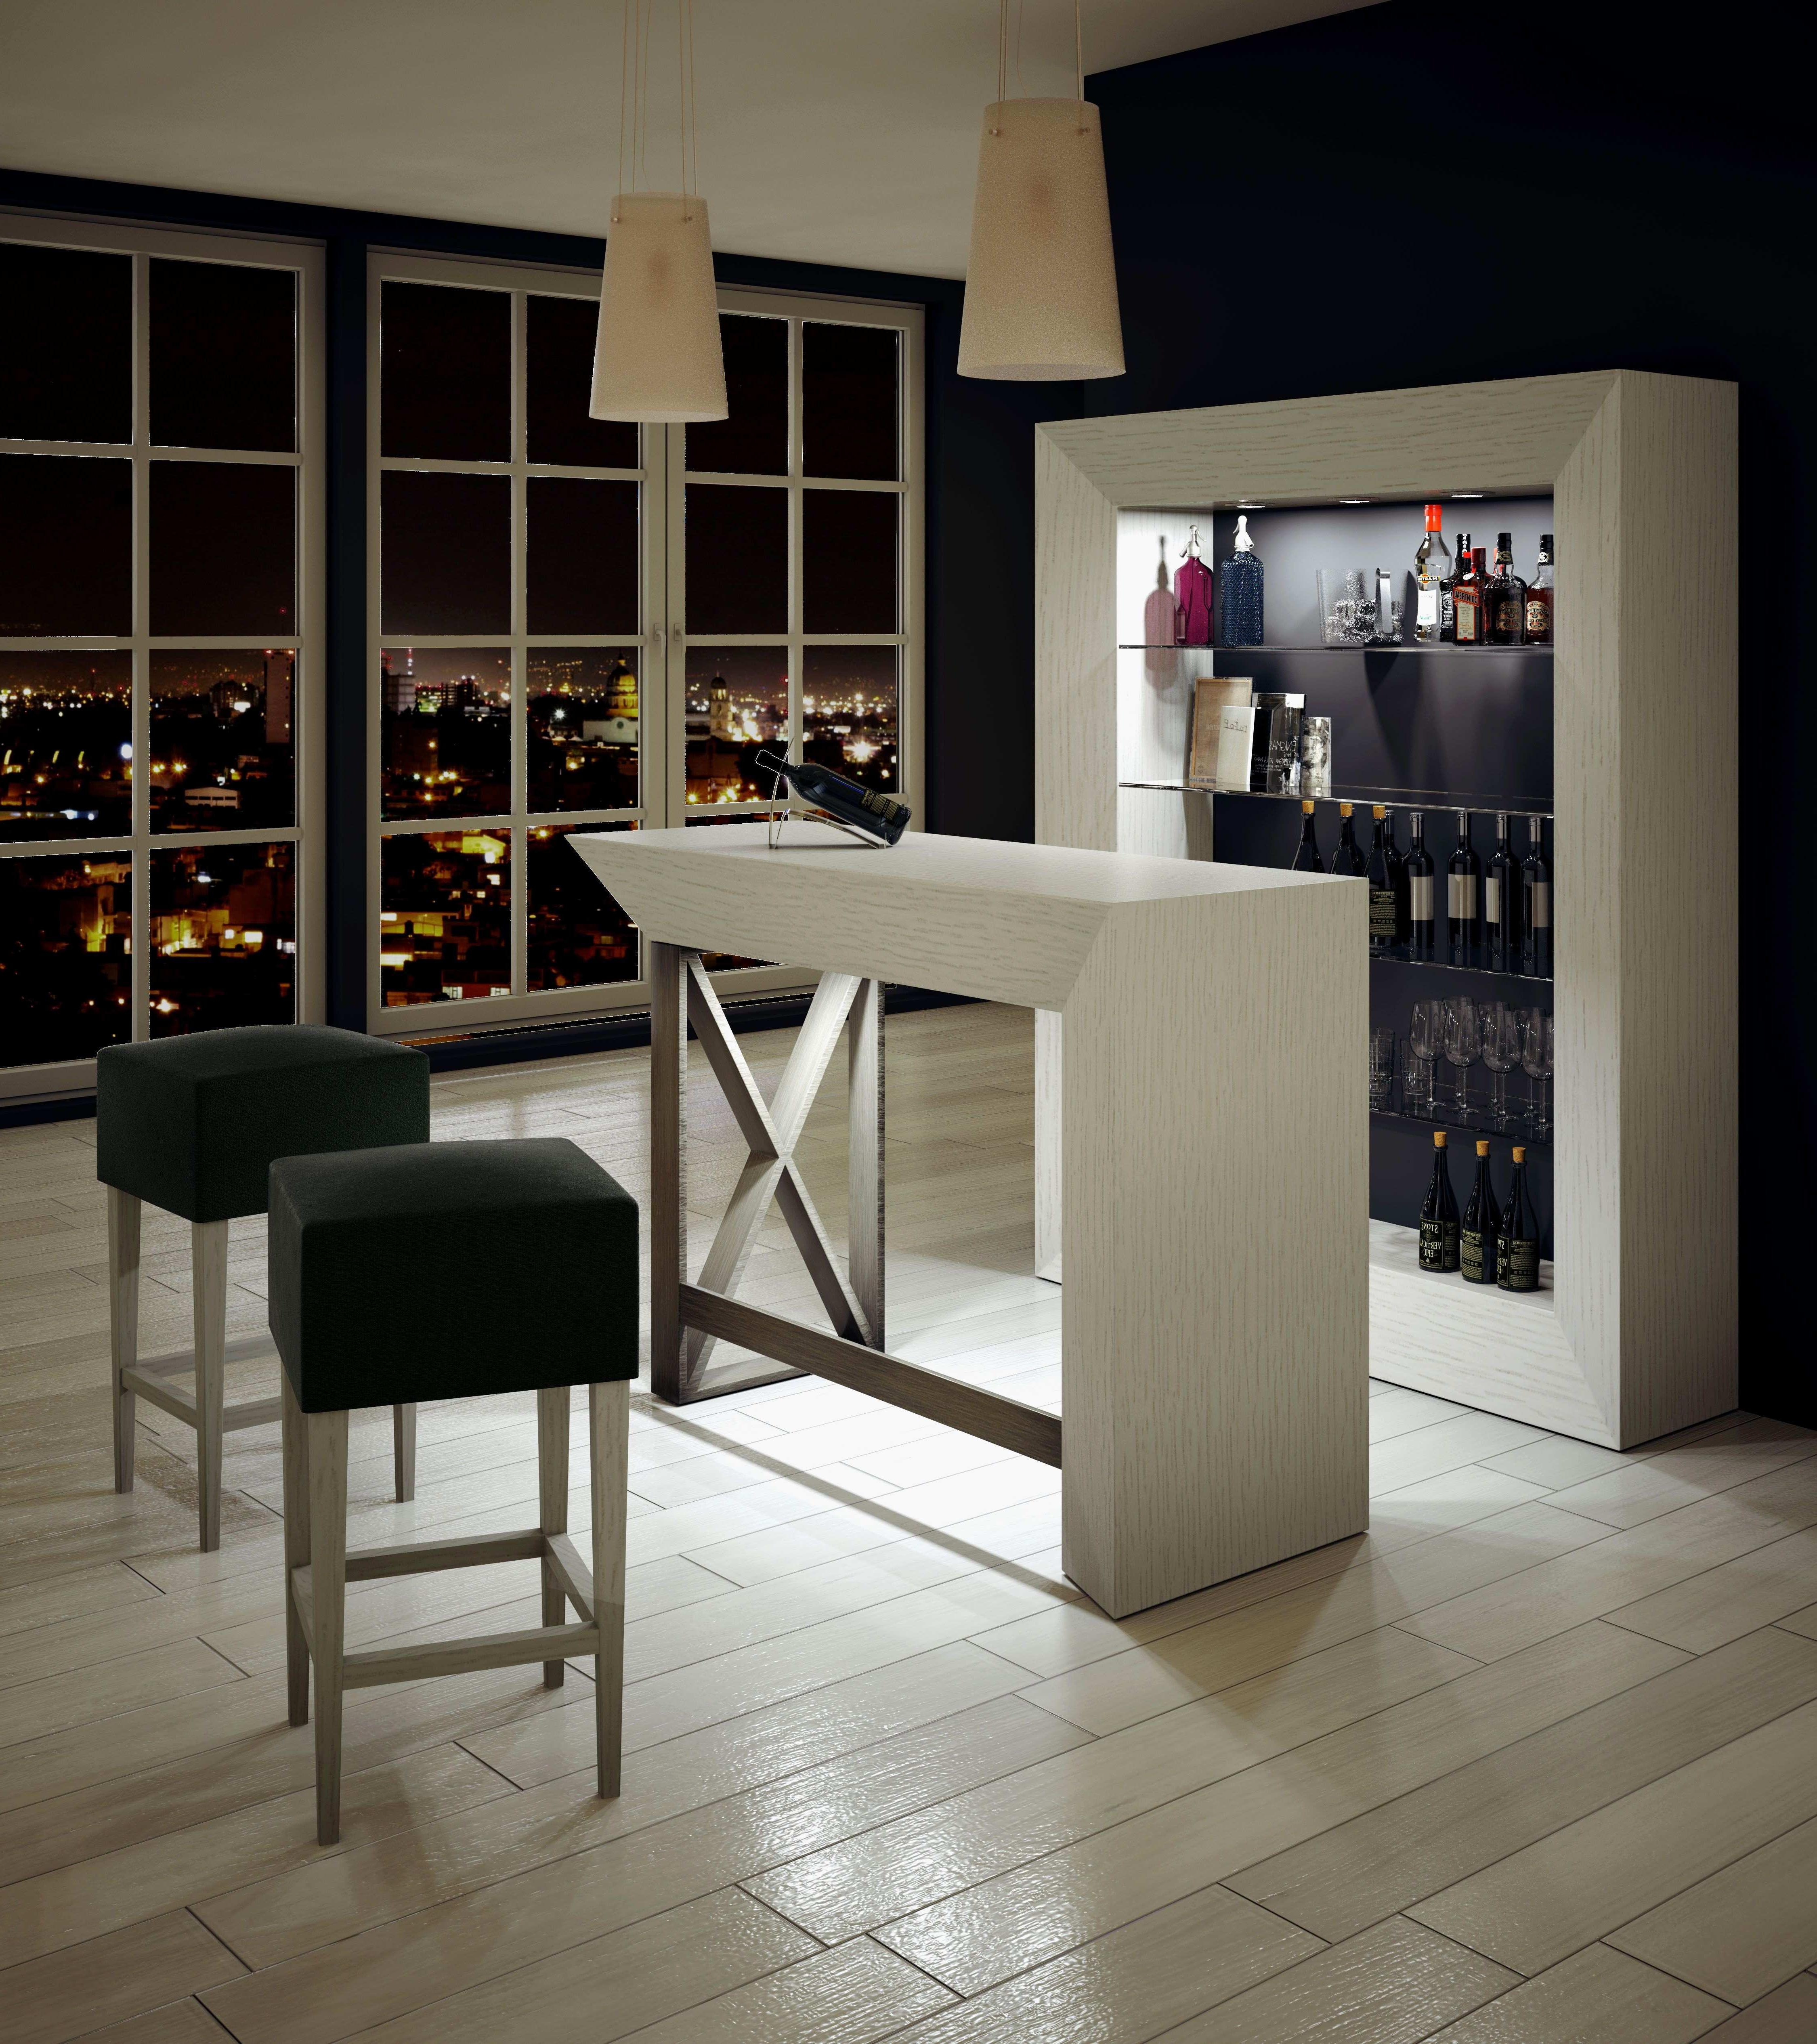 Mueble Bar Para Salon Wddj Muebles Auxiliares Para Salon Modernos Mesas De Centro